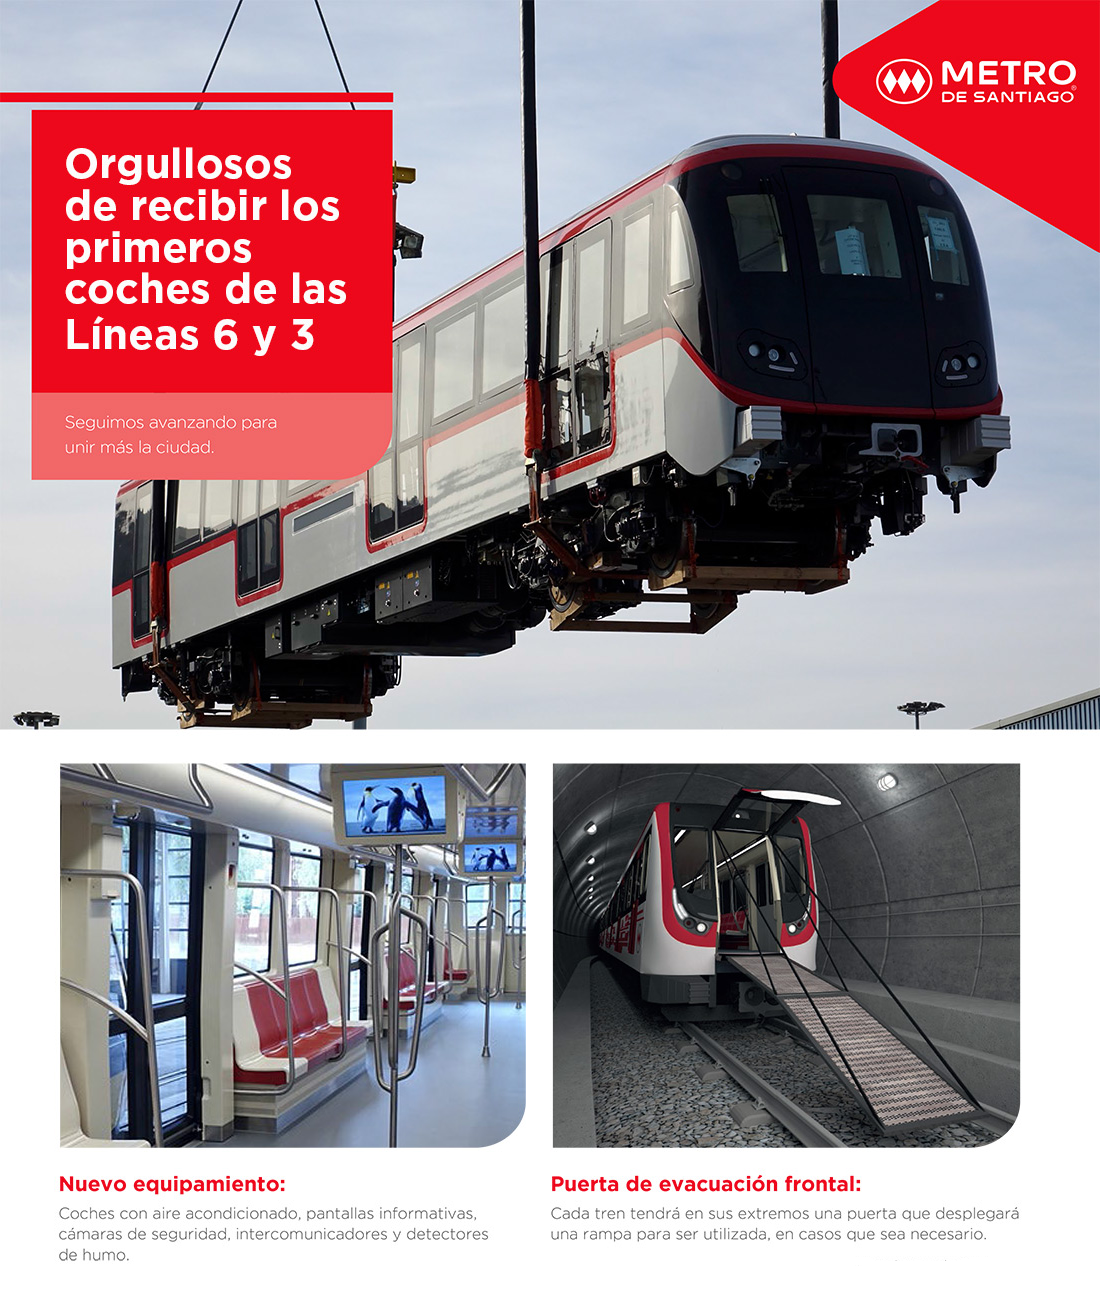 Alamys Nuevos Trenes Para Las Lineas 6 Y 3 De Metro De Santiago Ya Estan En Chile